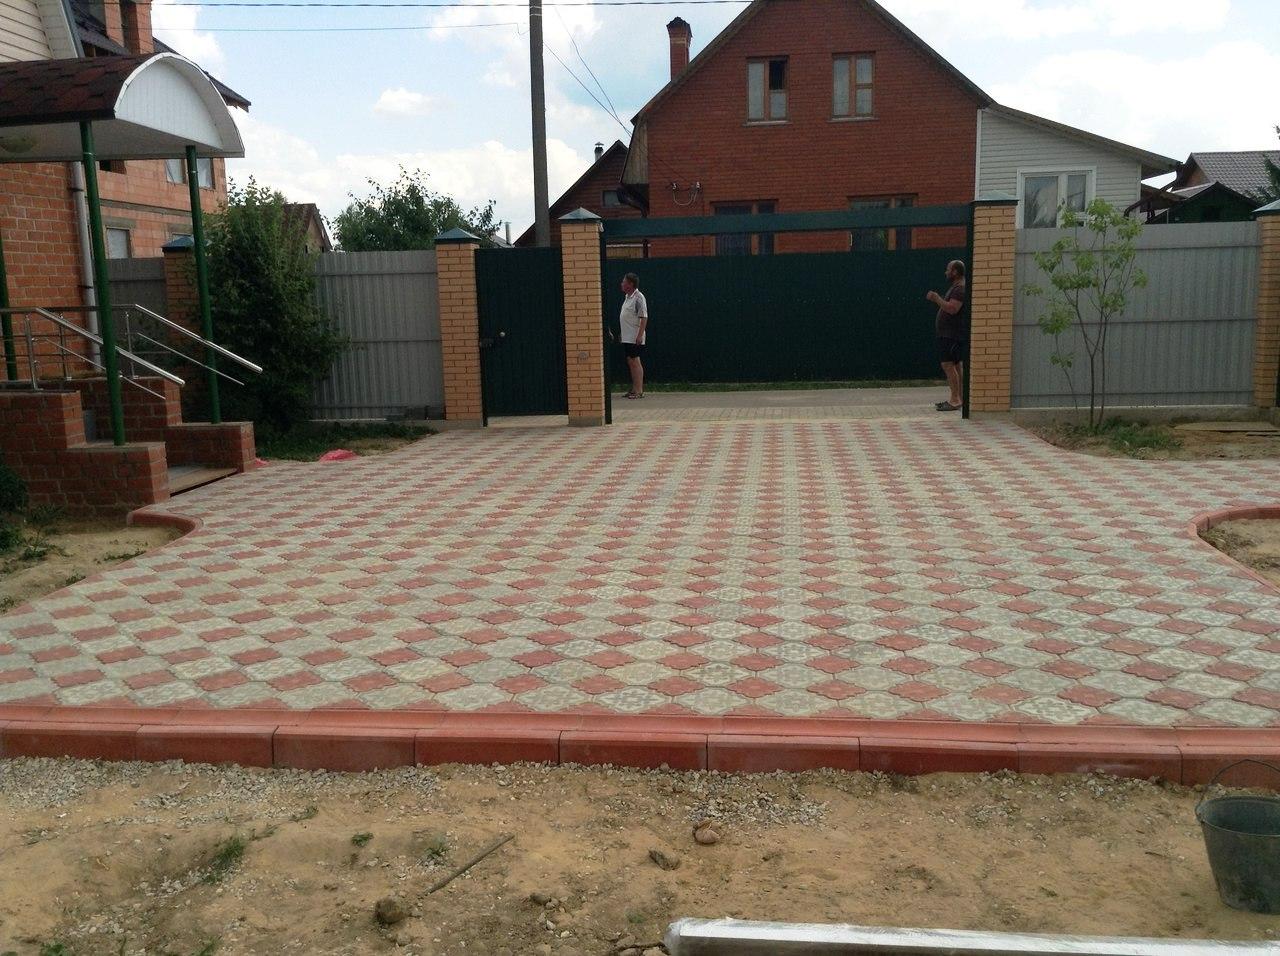 http://plitka-omsk55.ru/images/upload/yFpkn3mb5ok.jpg